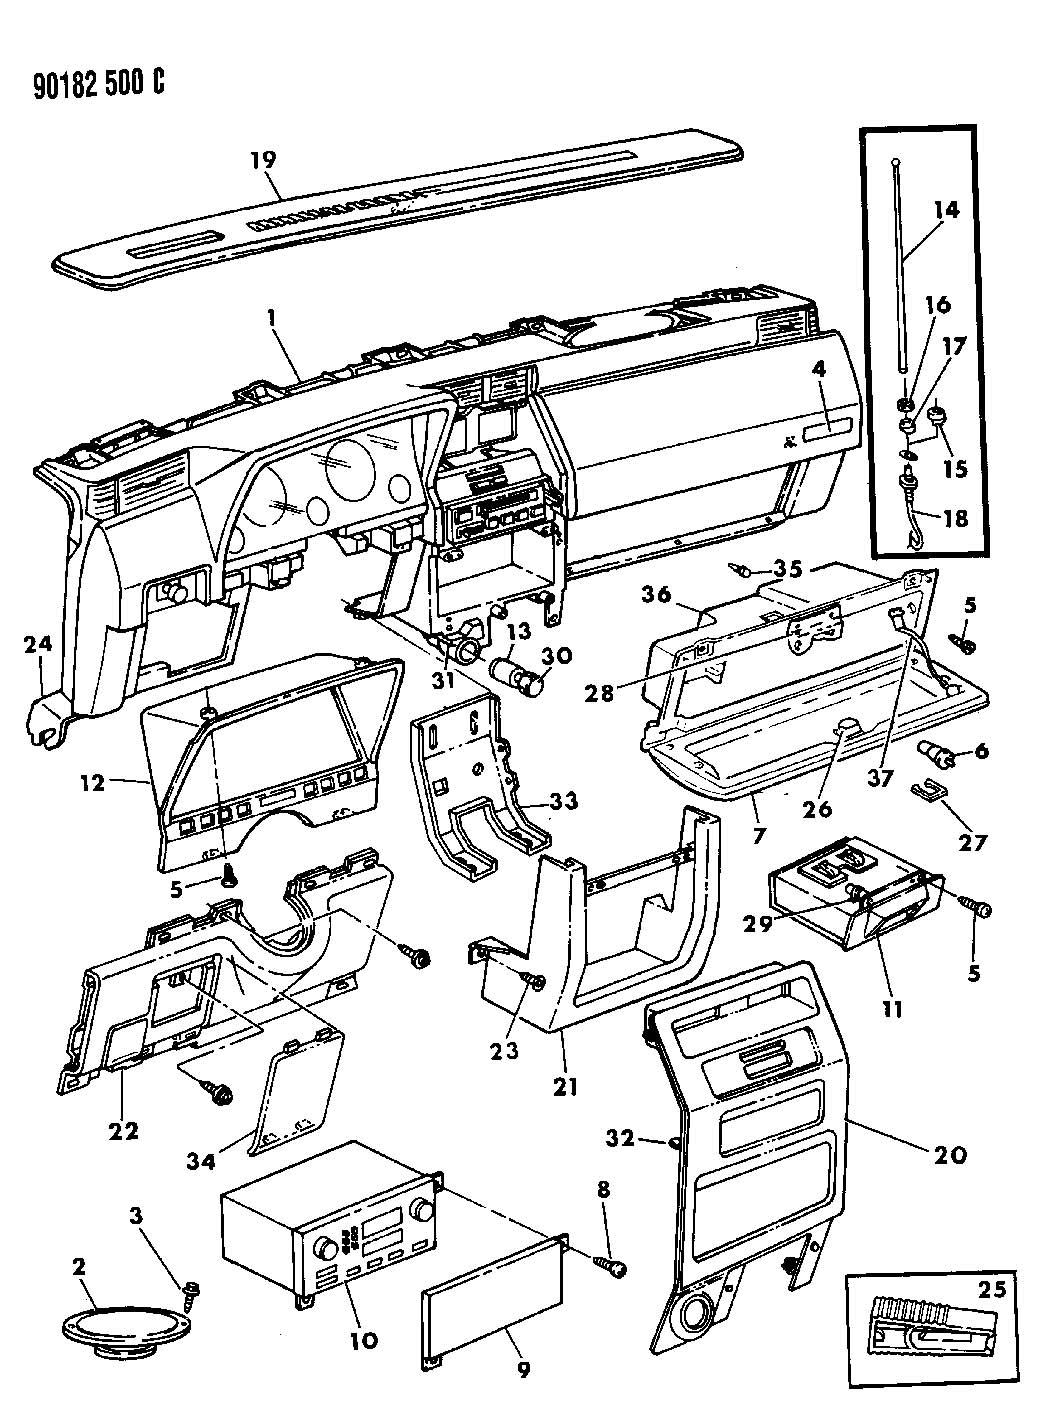 01 Dodge Ram Glove Box